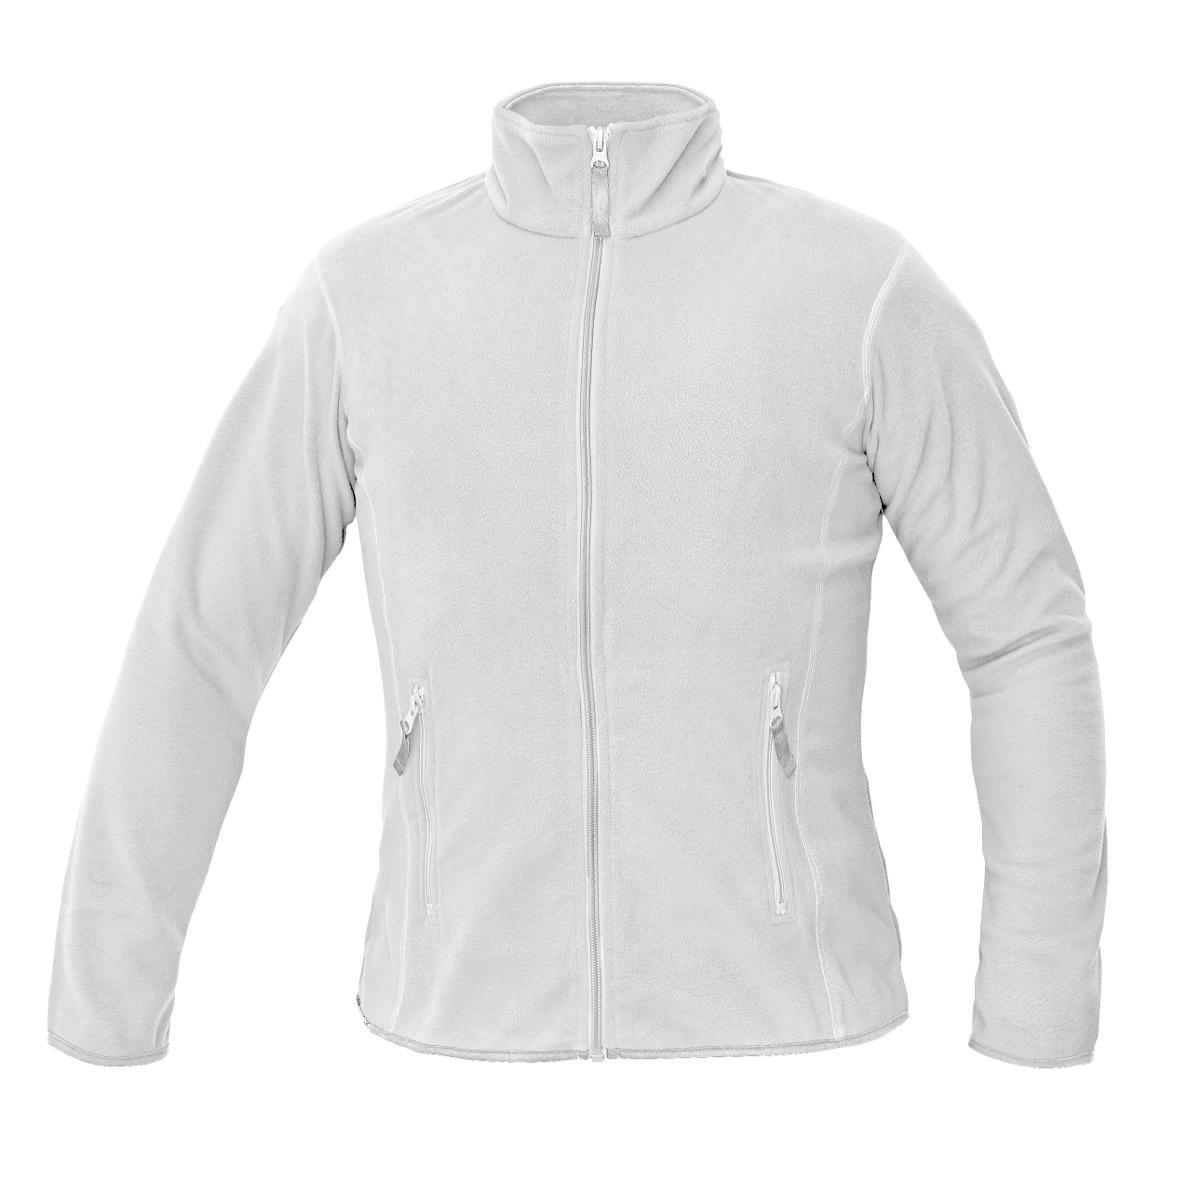 Pracovné odevy - dámska fleecová mikina GOMTI ČERVA BIELA  117181ccb2